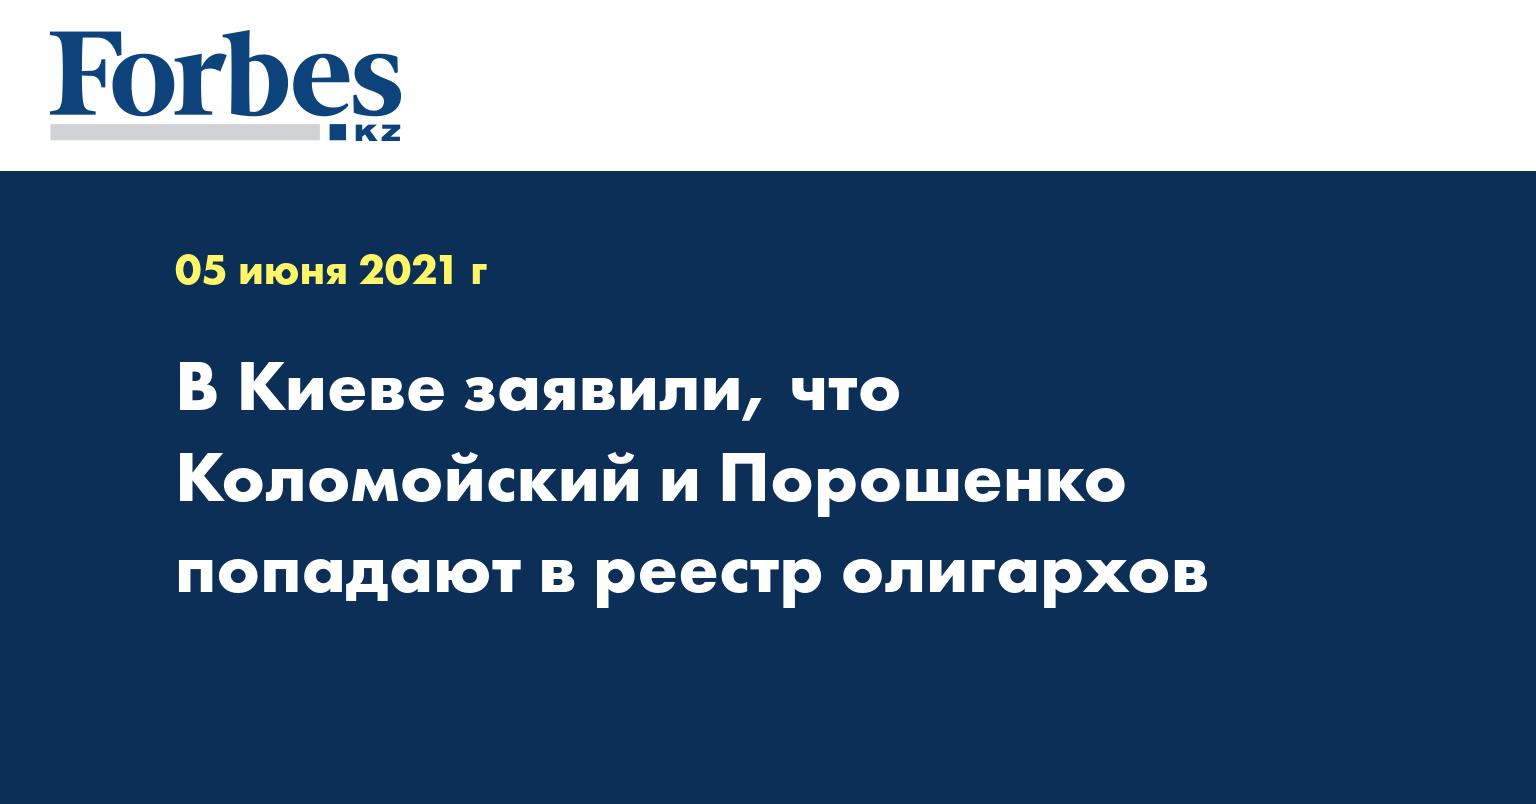 В Киеве заявили, что Коломойский и Порошенко попадают в реестр олигархов